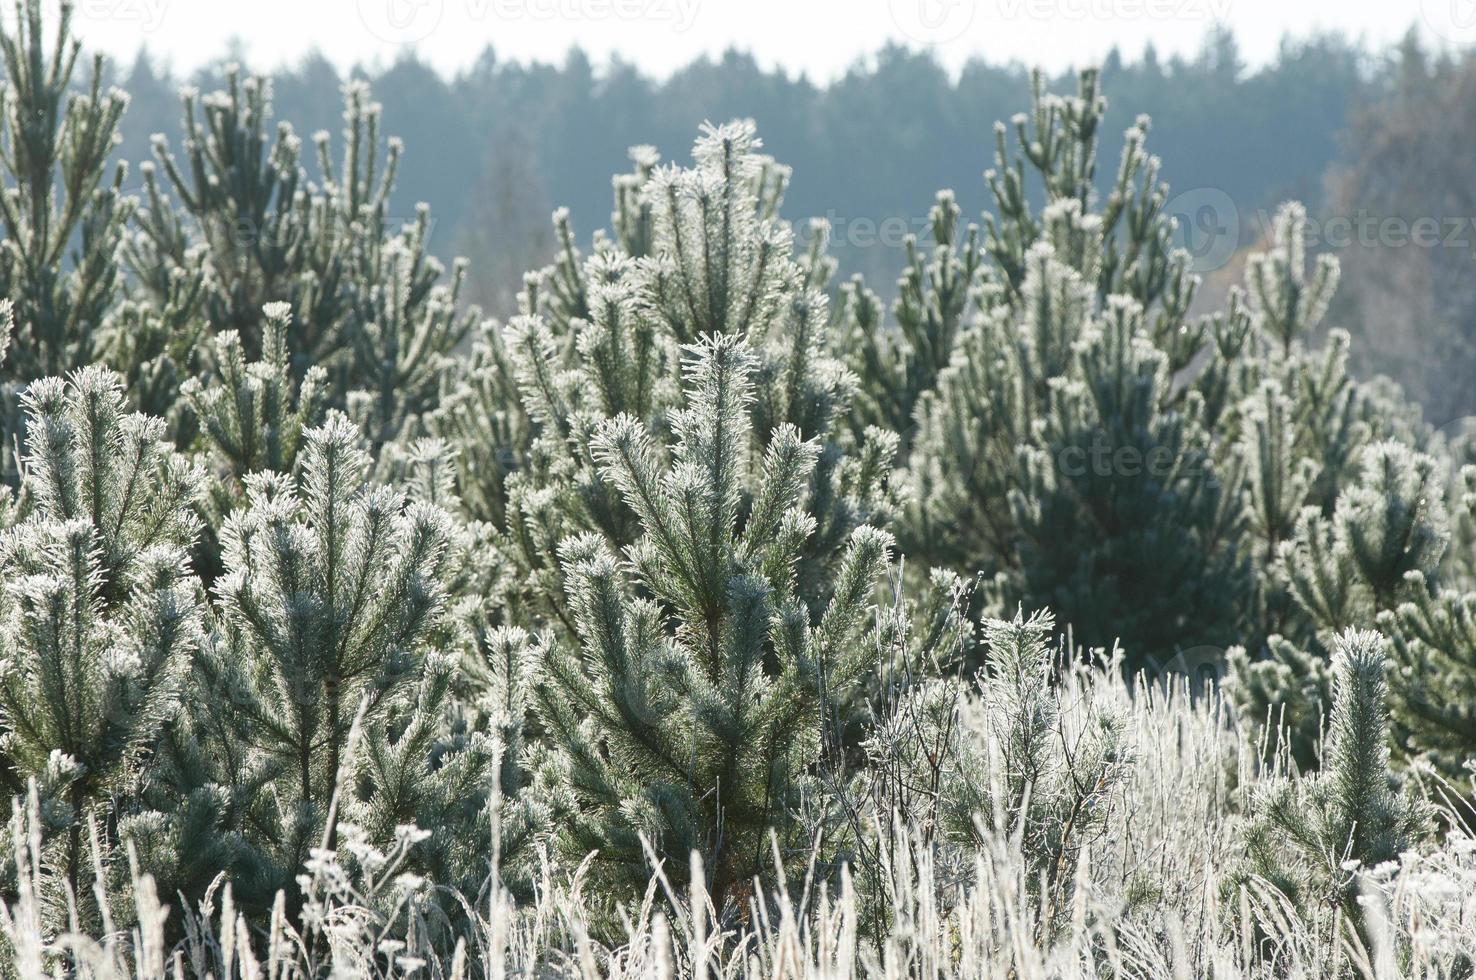 höstfrost på gräset och träden foto